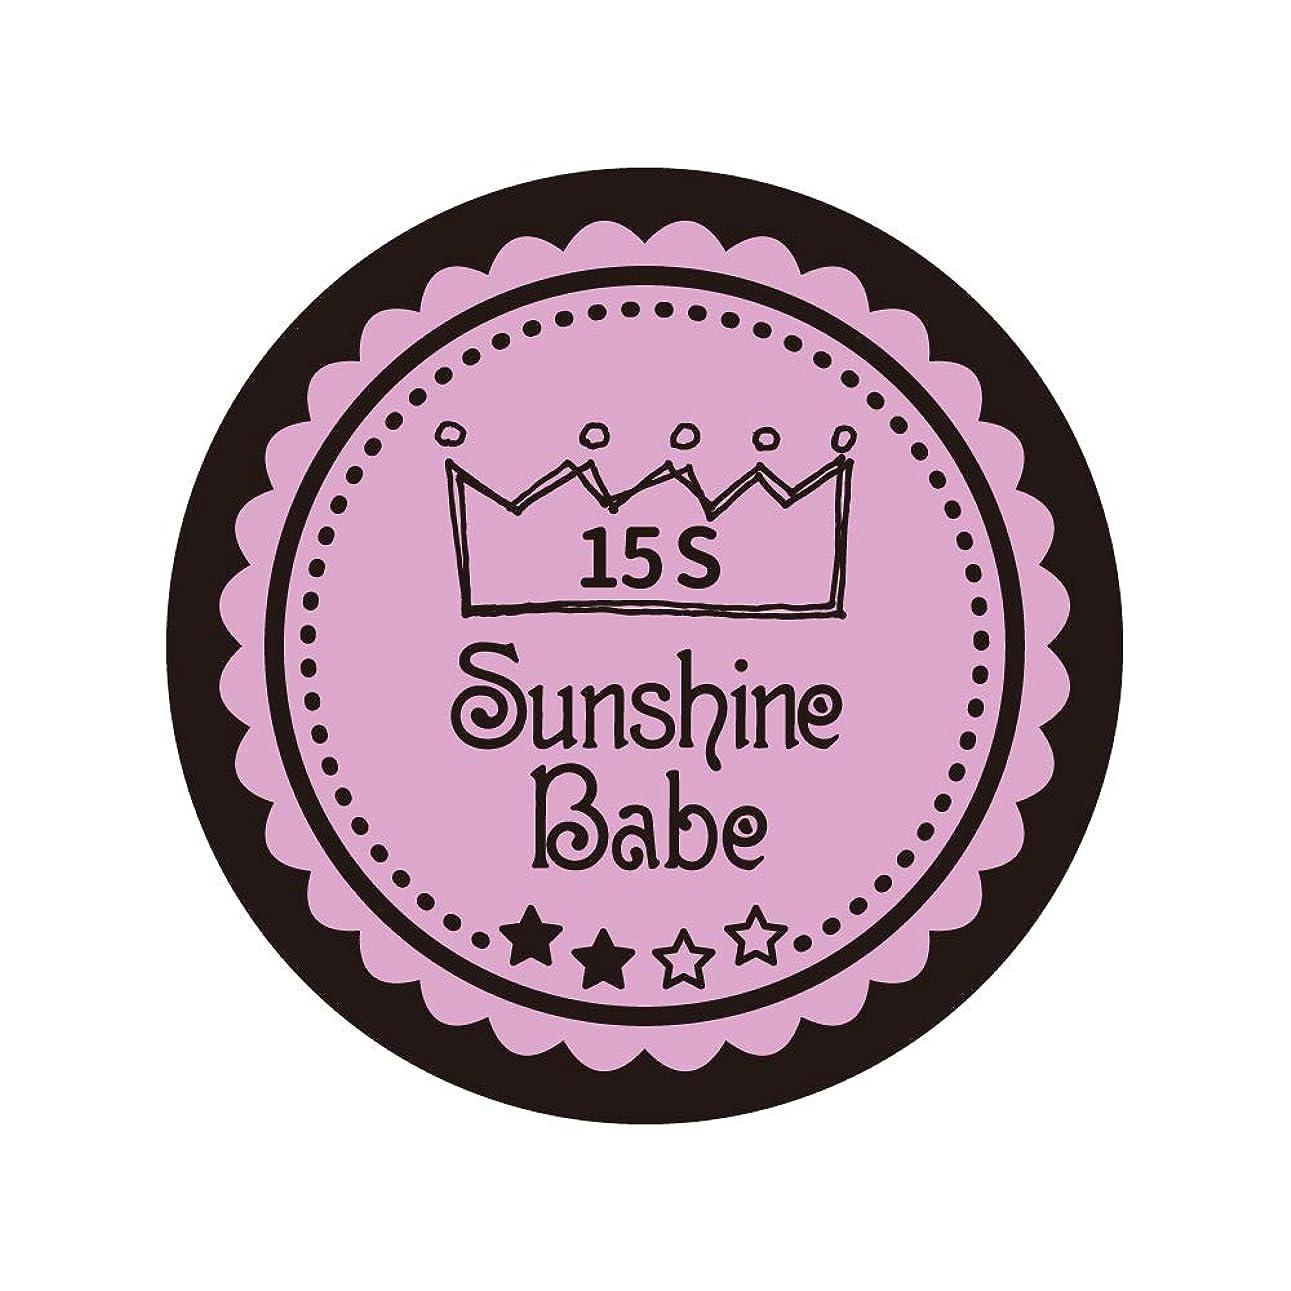 中性予防接種予測子Sunshine Babe コスメティックカラー 15S ピンクラベンダー 4g UV/LED対応